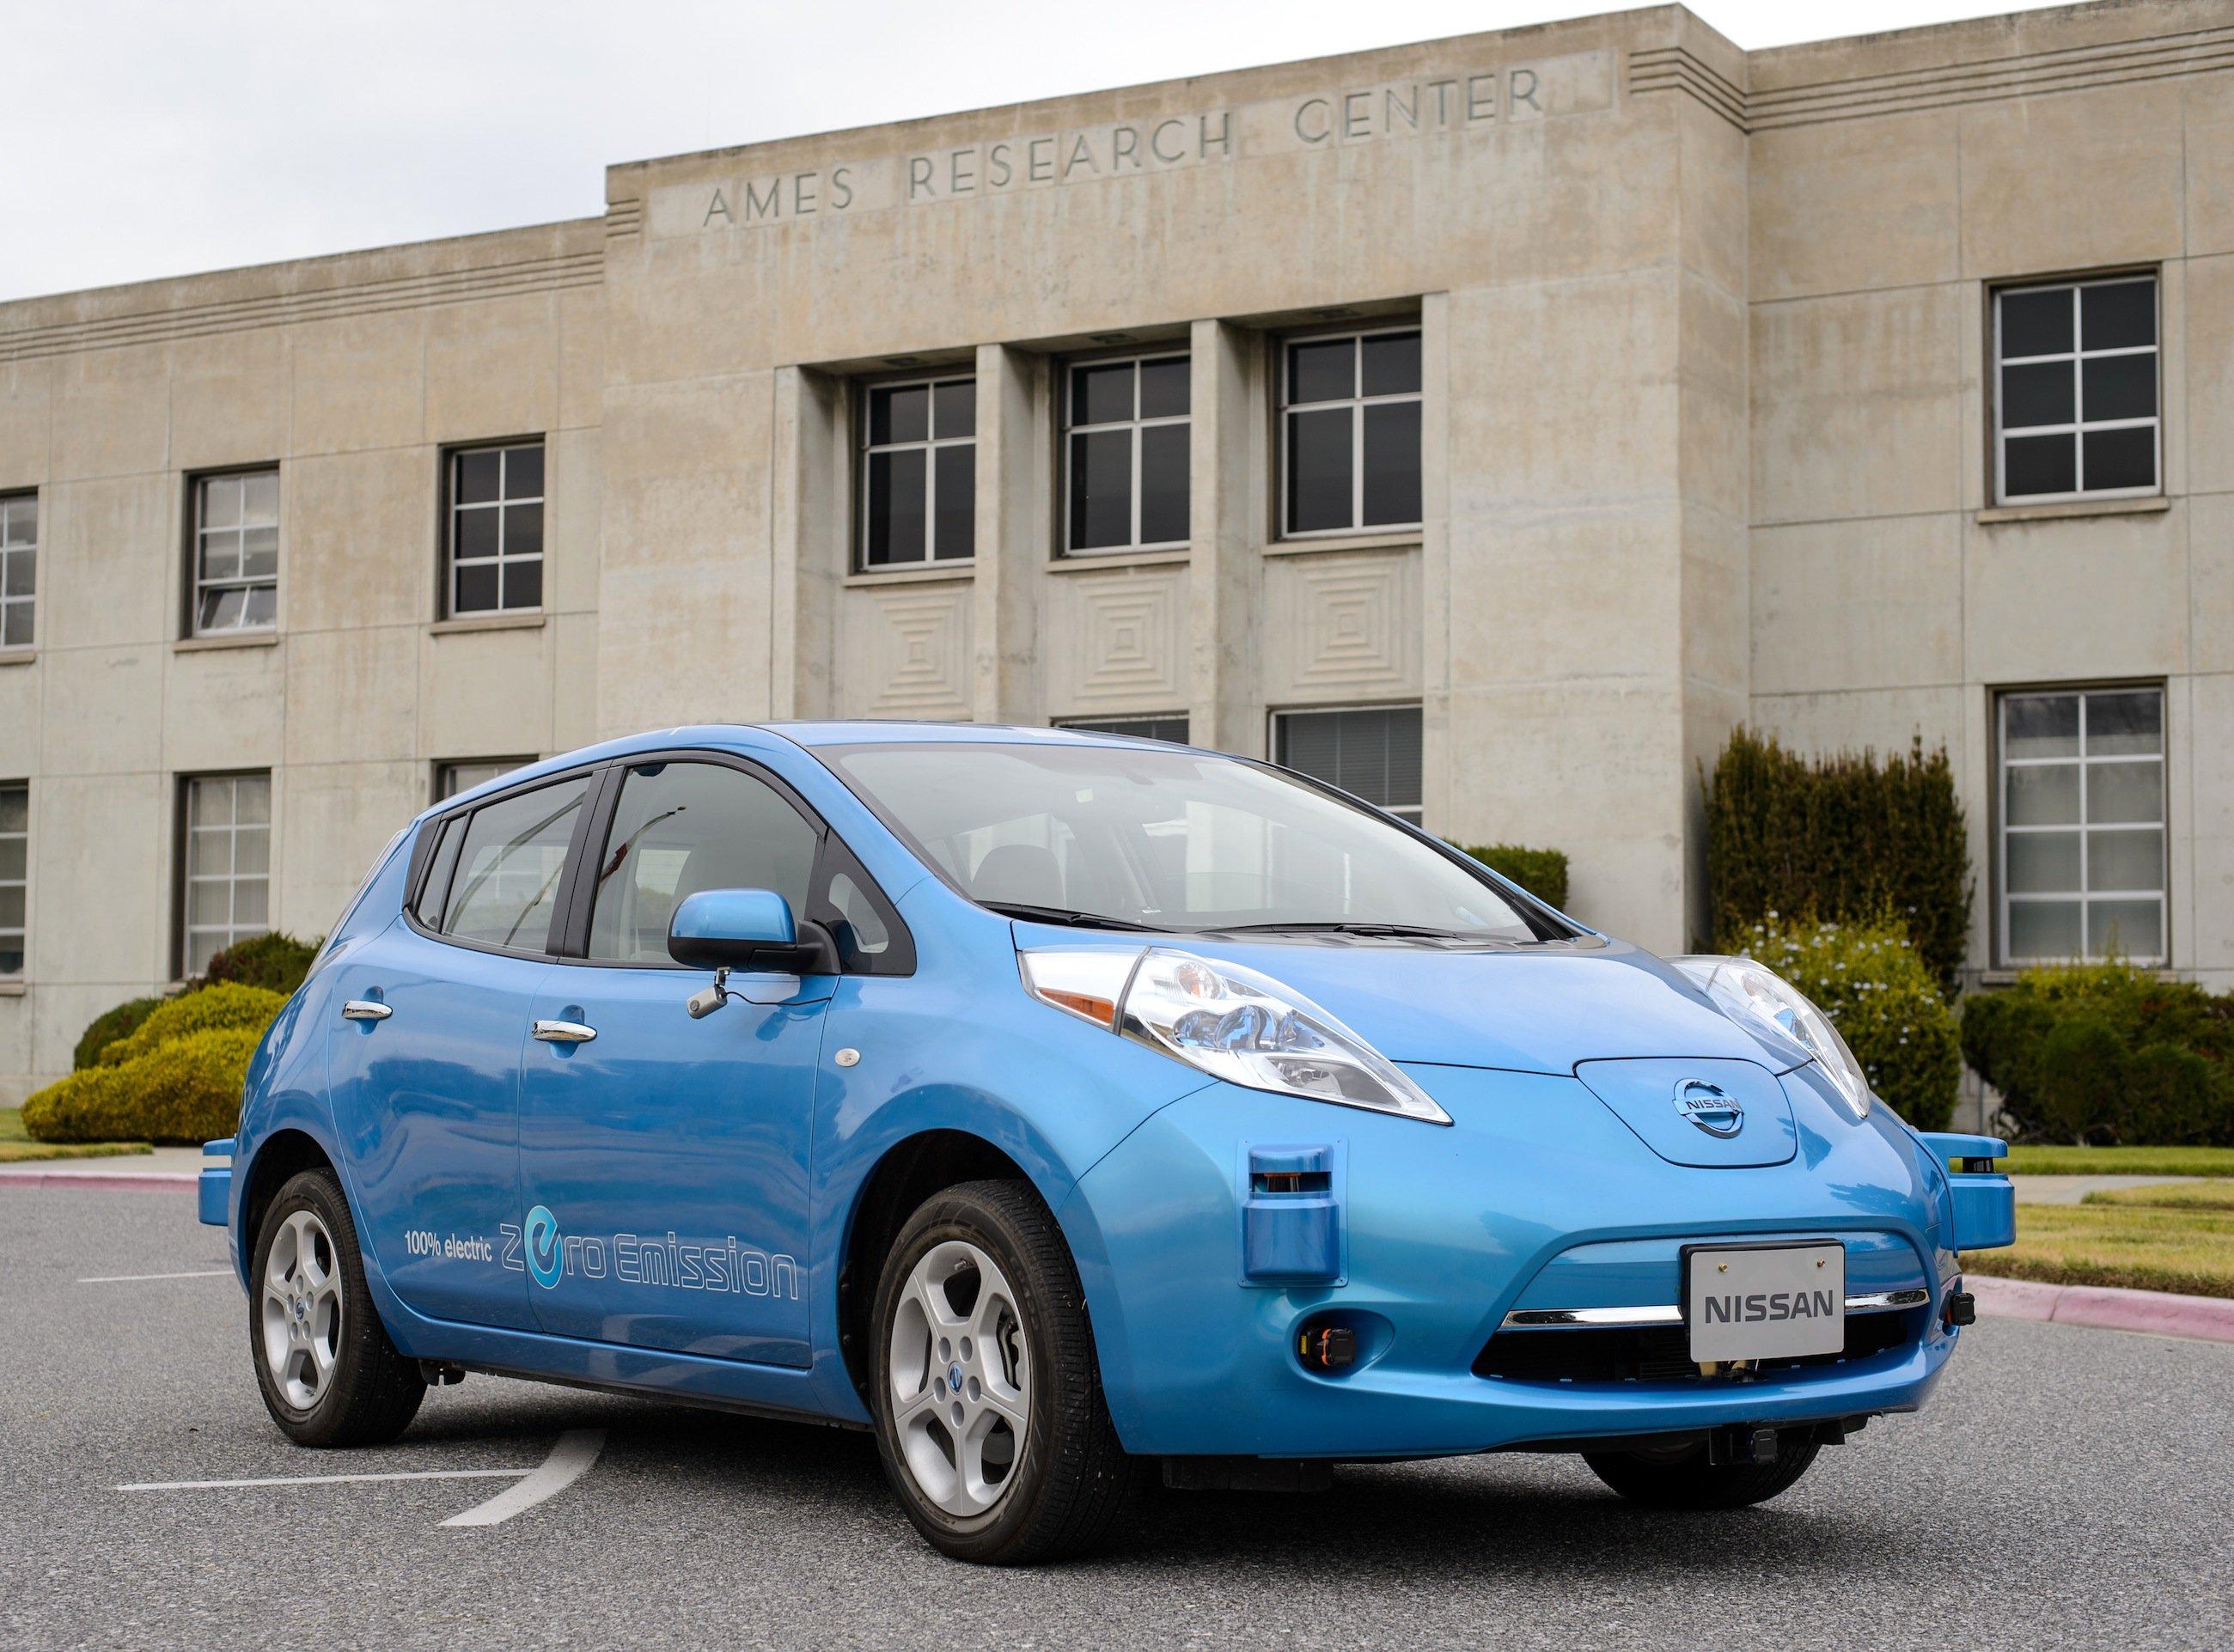 Nissans Elektroauto Leaf vor dem ForschungszentrumAmes Research Center der NASA im Silicon Valley: Auf Basis des Leaf sollen neue Fahrzeuge entwickelt werden, die vollkommen autonom unterwegs sind.